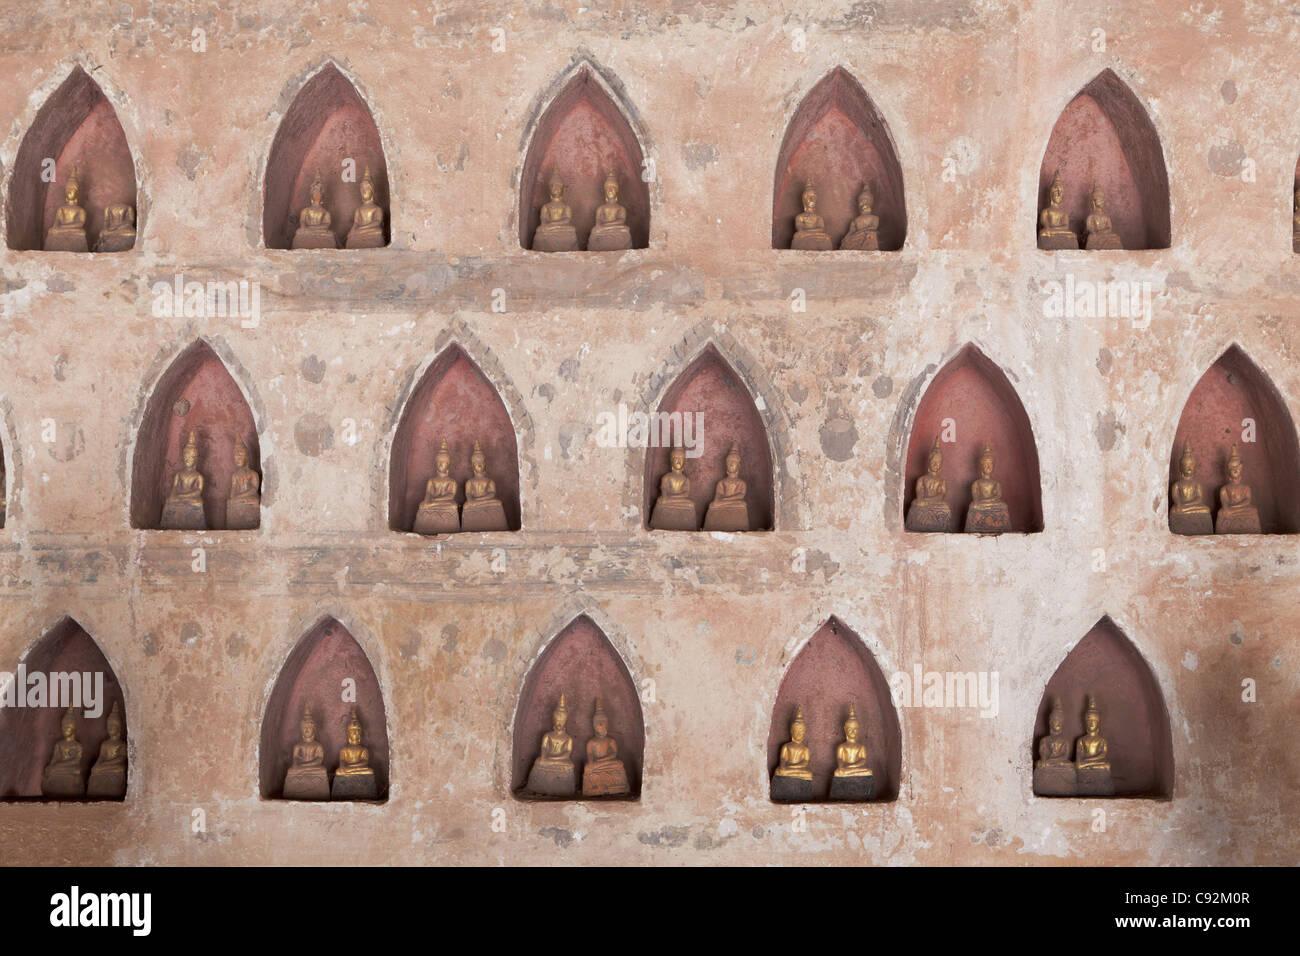 Antike Buddha-Statuen säumen den Innenhof des Wat Si Saket in Vientiane, Laos. Stockbild